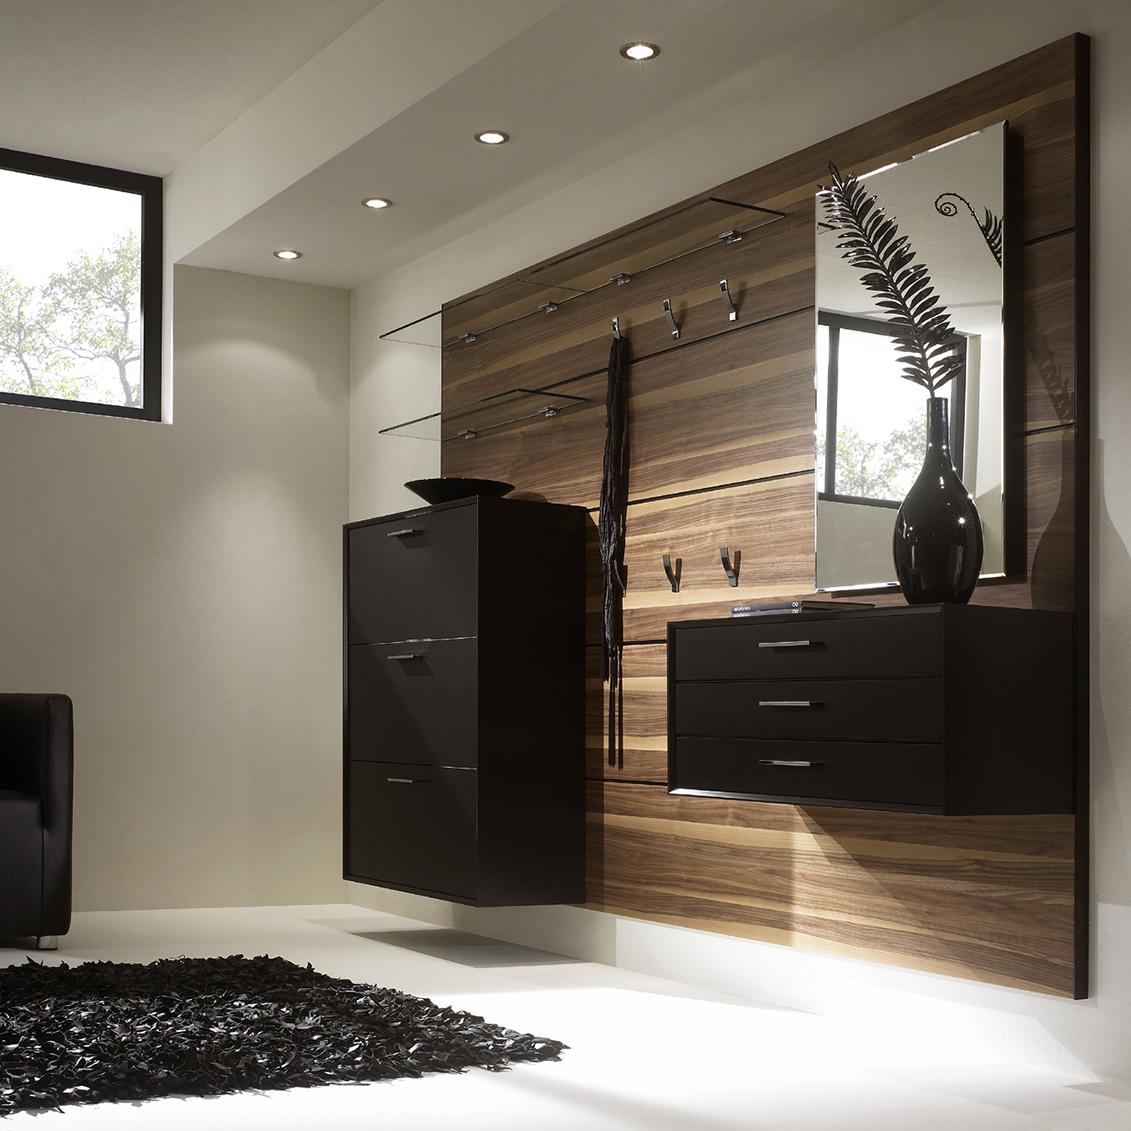 Мебель для прихожей modo sudbrock - forest.